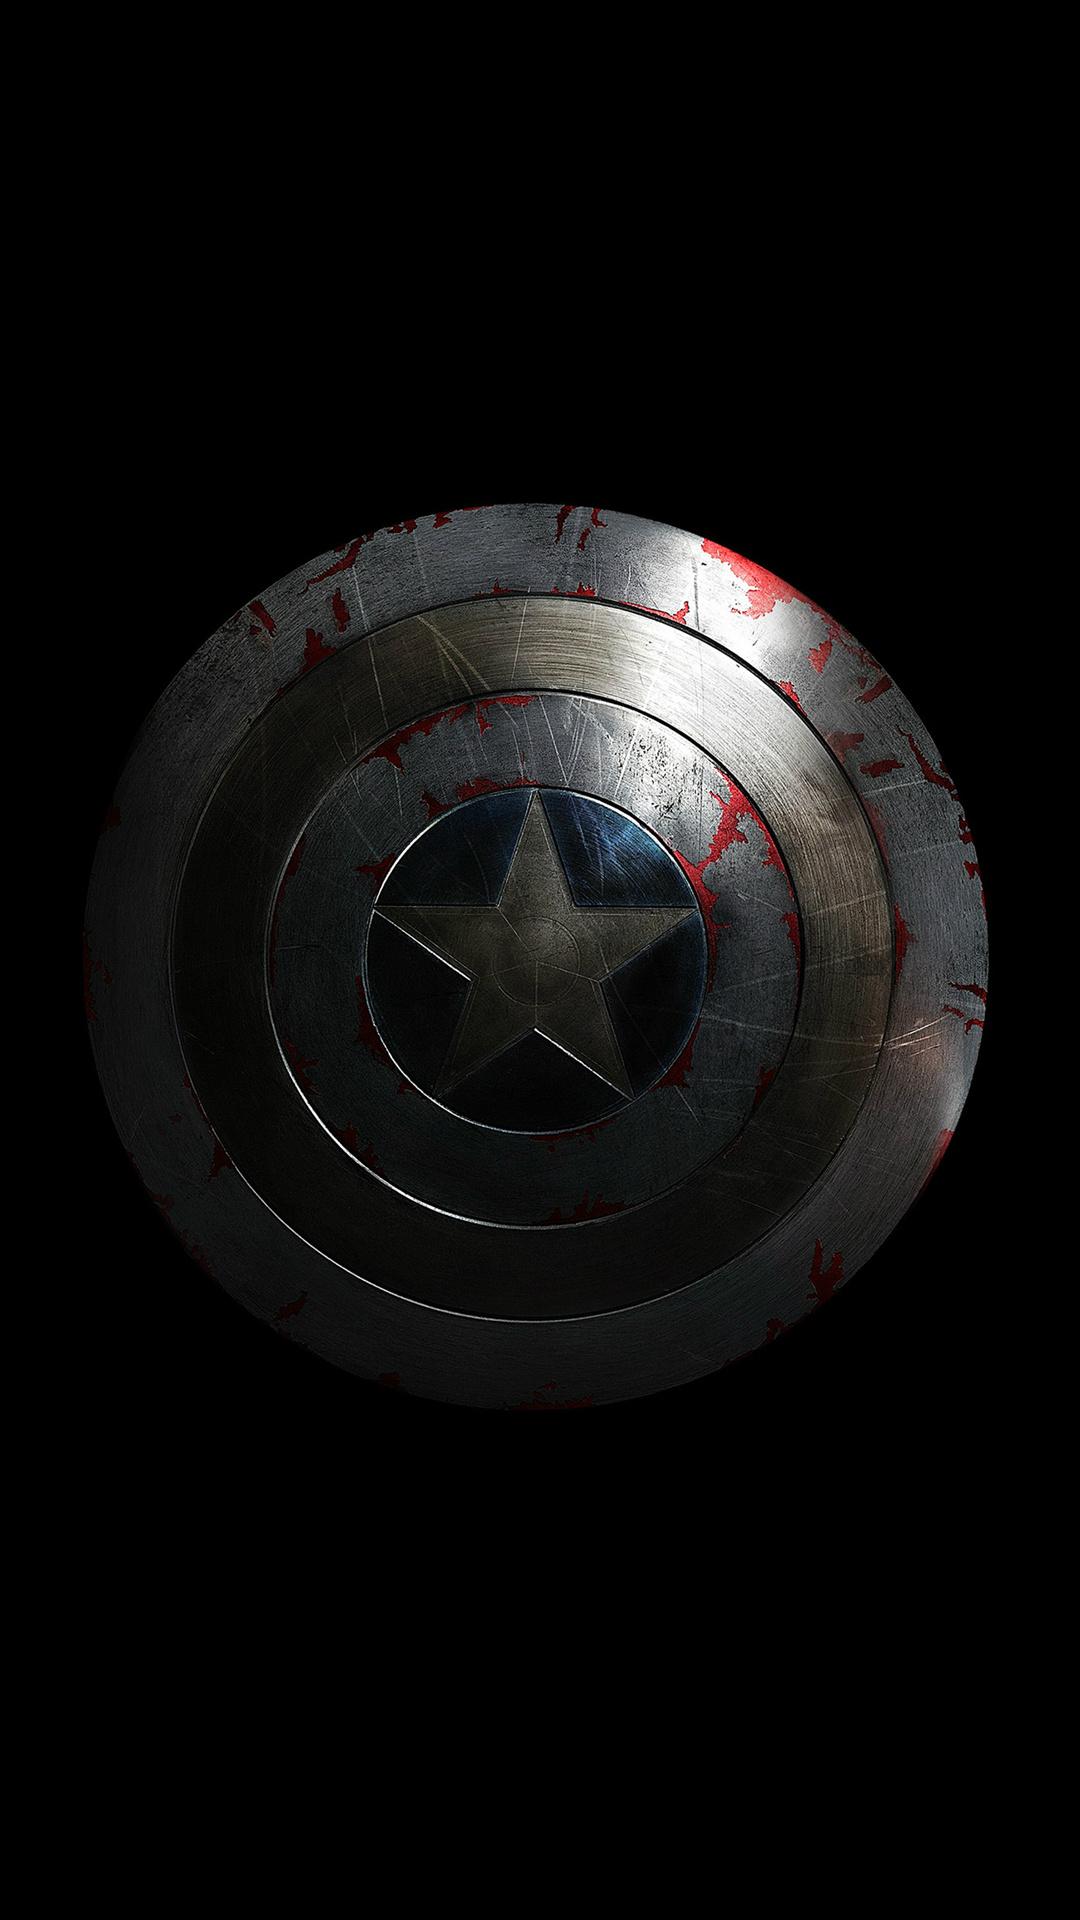 Avengers Wallpaper 4k Iphone - HD Wallpaper